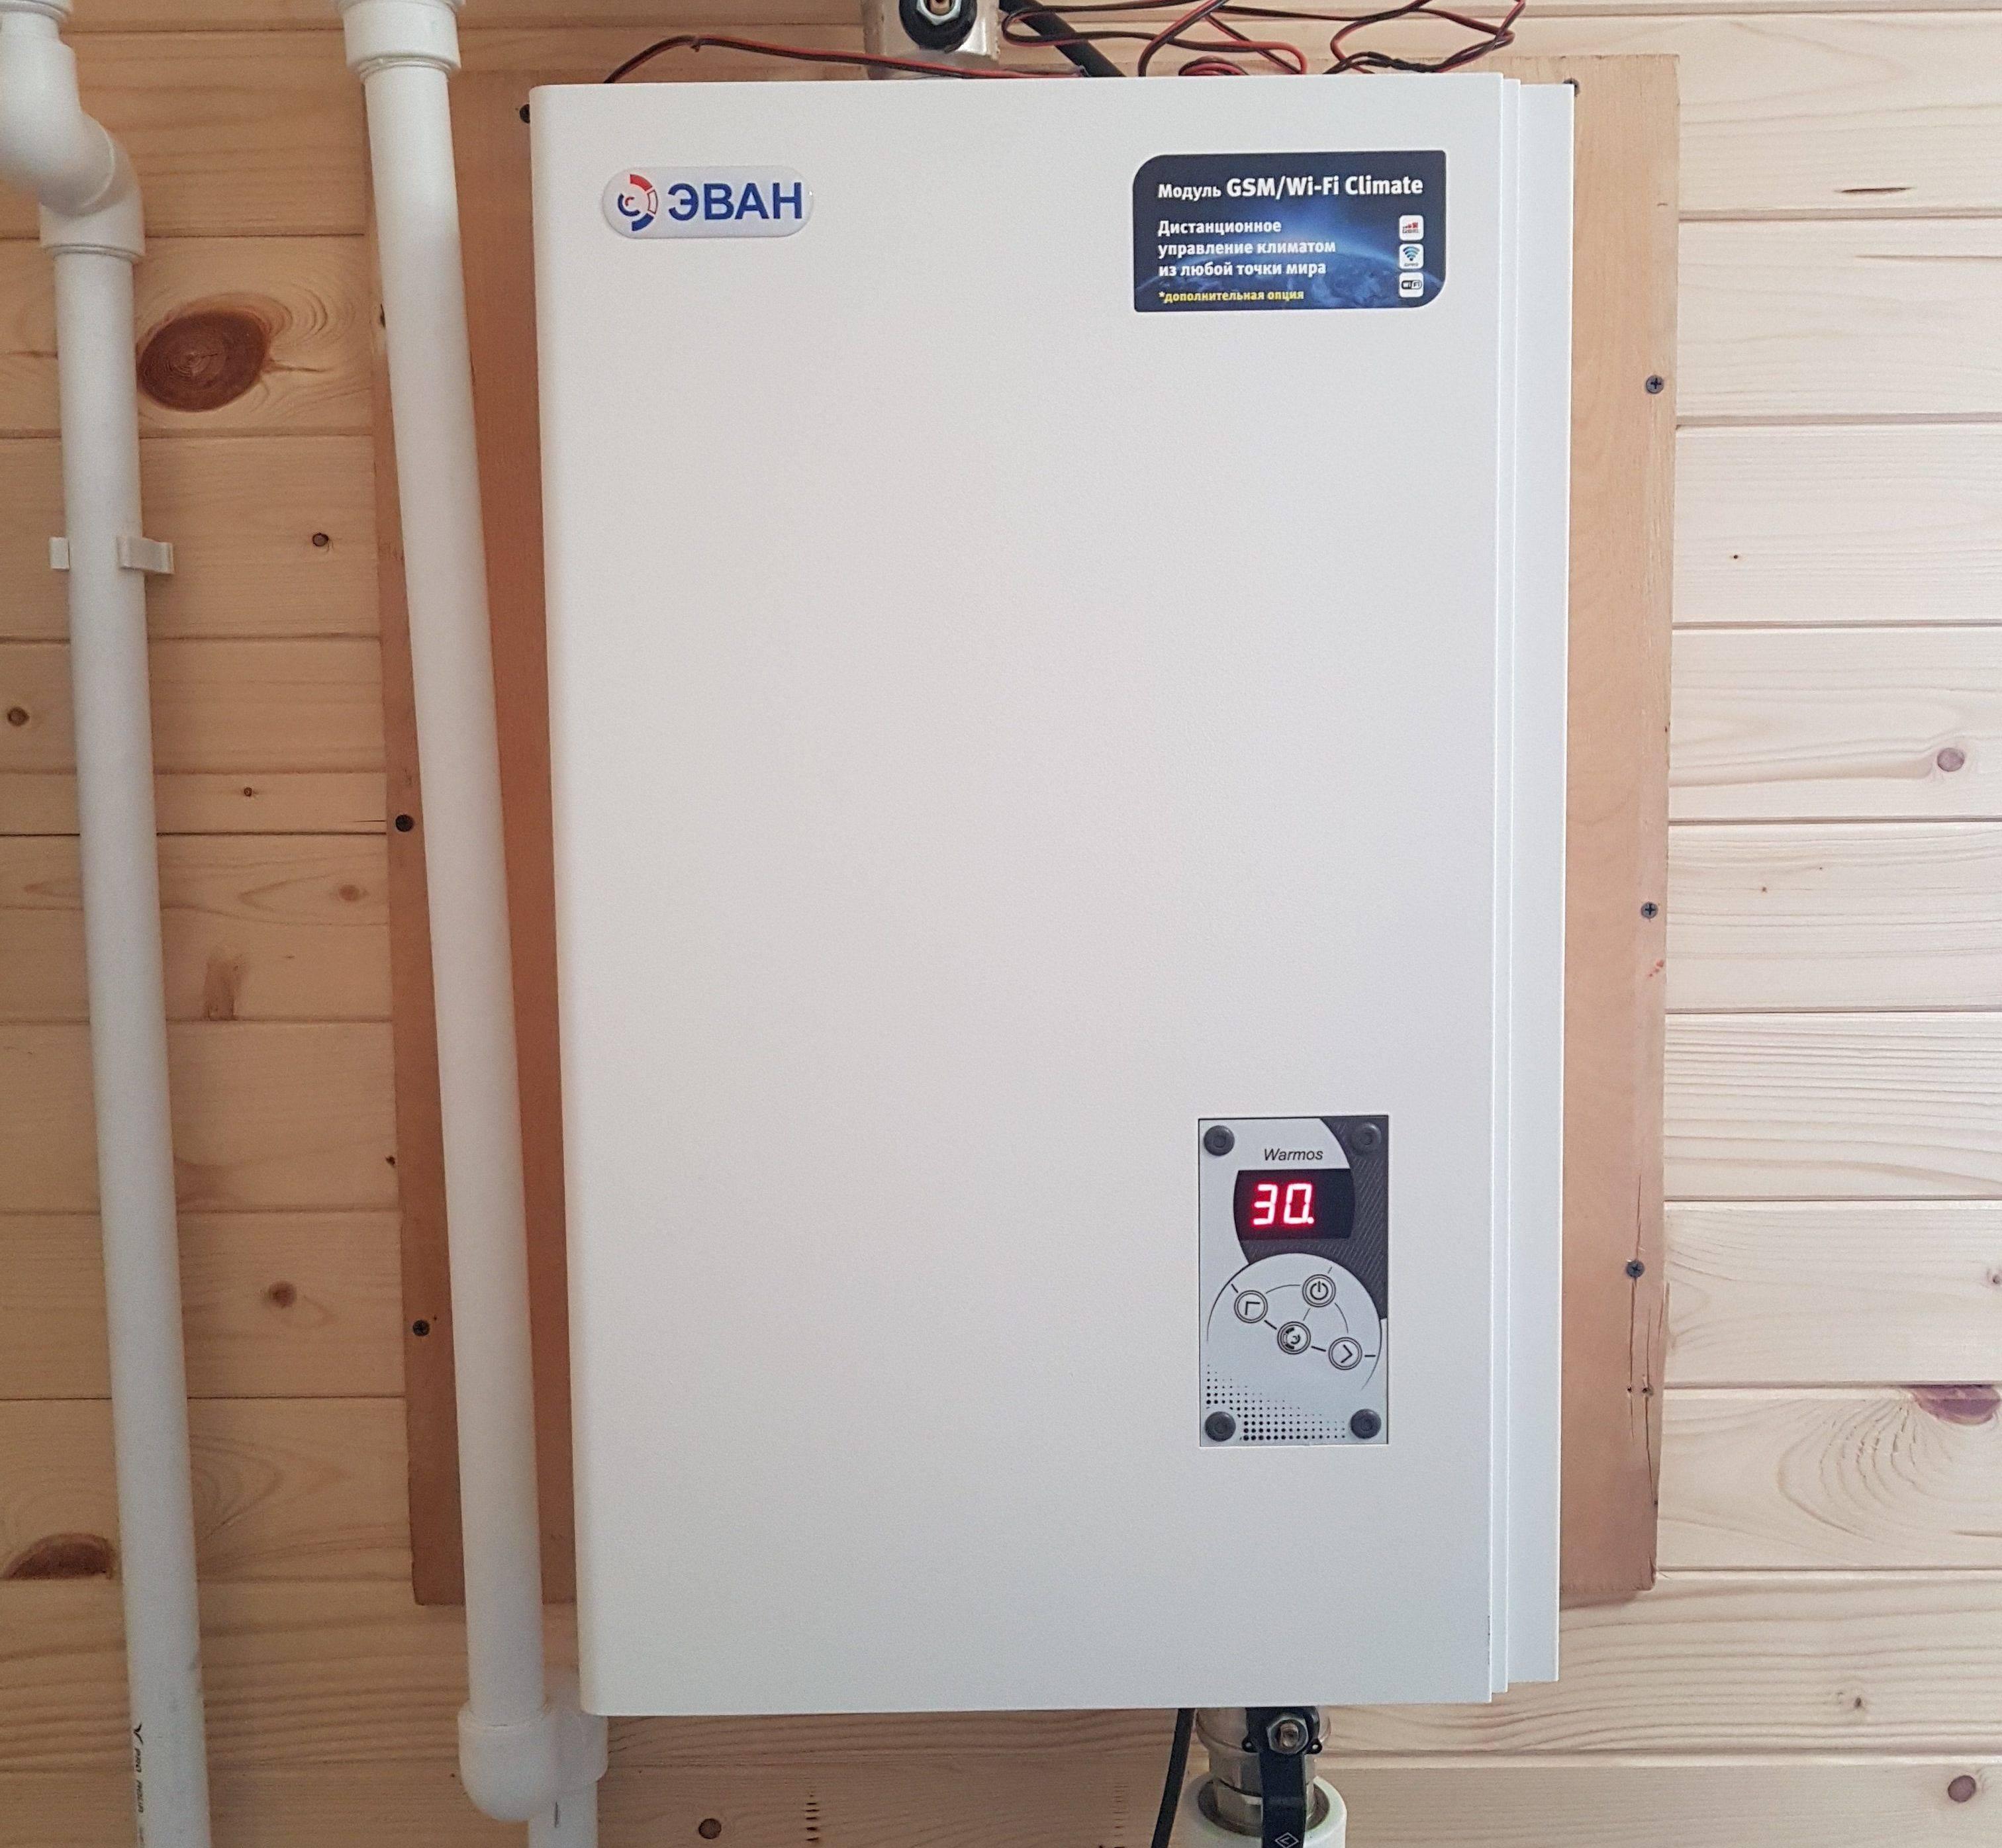 Электроотопительные котлы для дома эван - технические характеристики